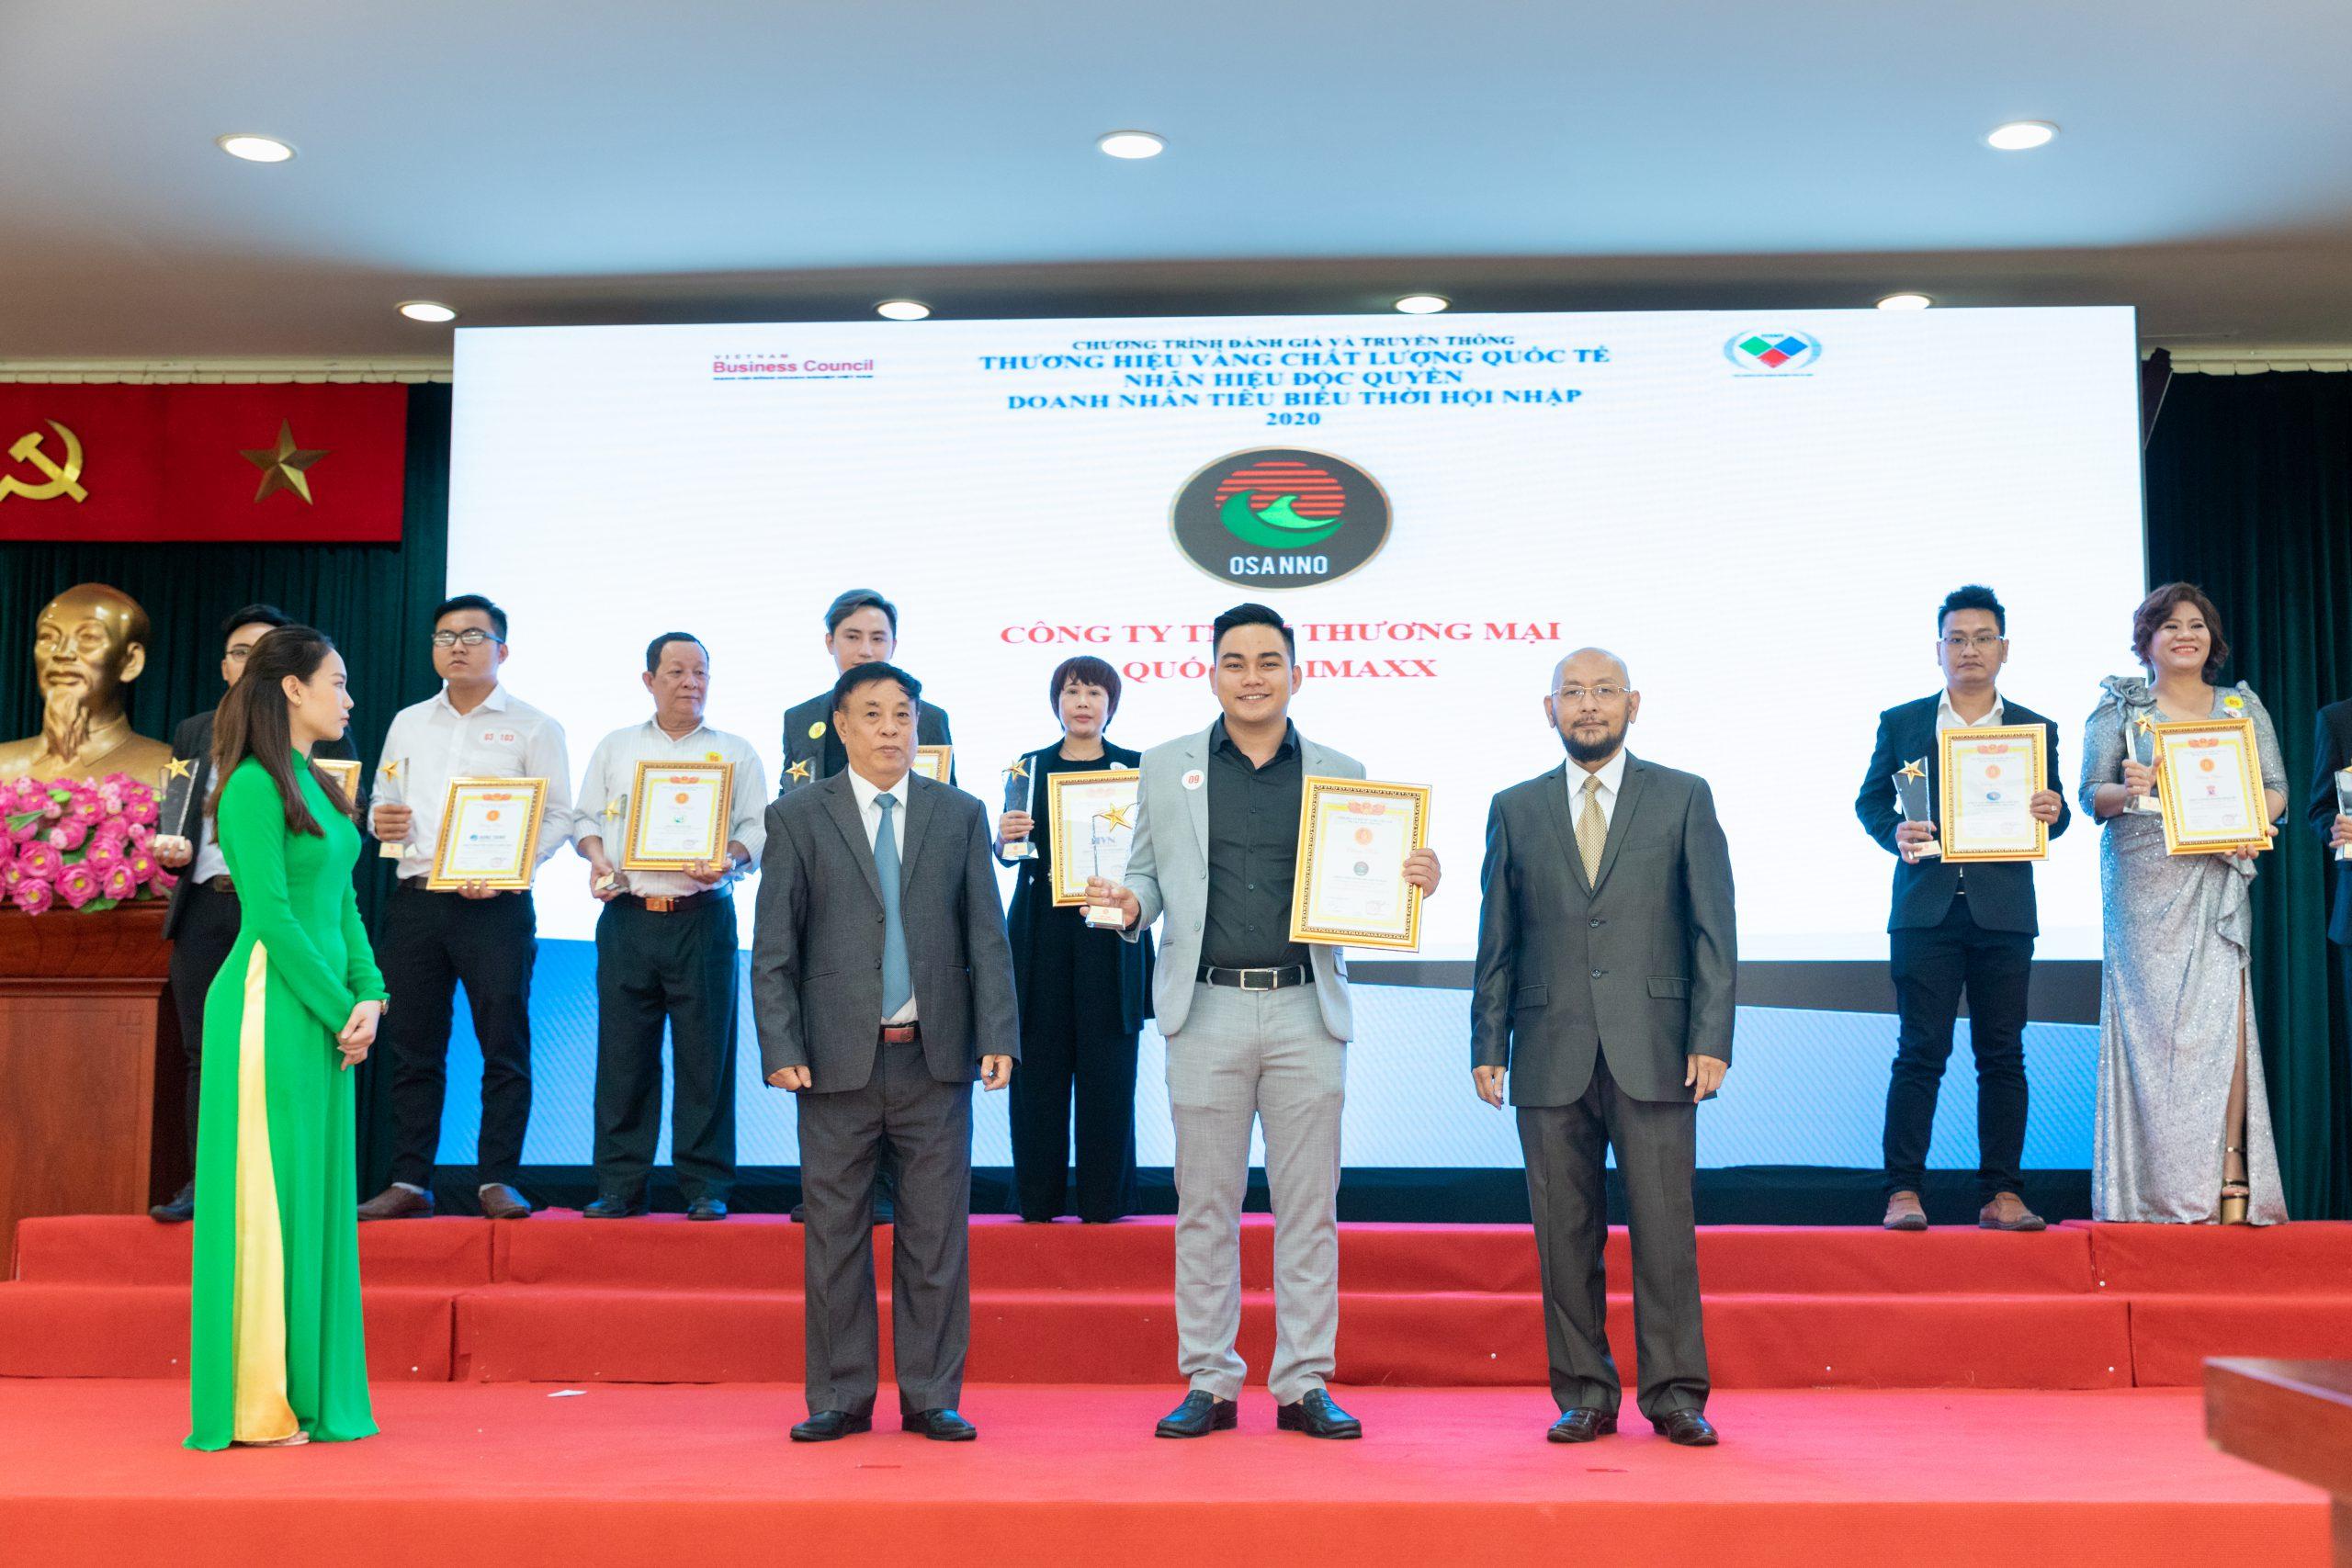 Osanno - Thương hiệu Vàng chất lượng Quốc tế năm 2020